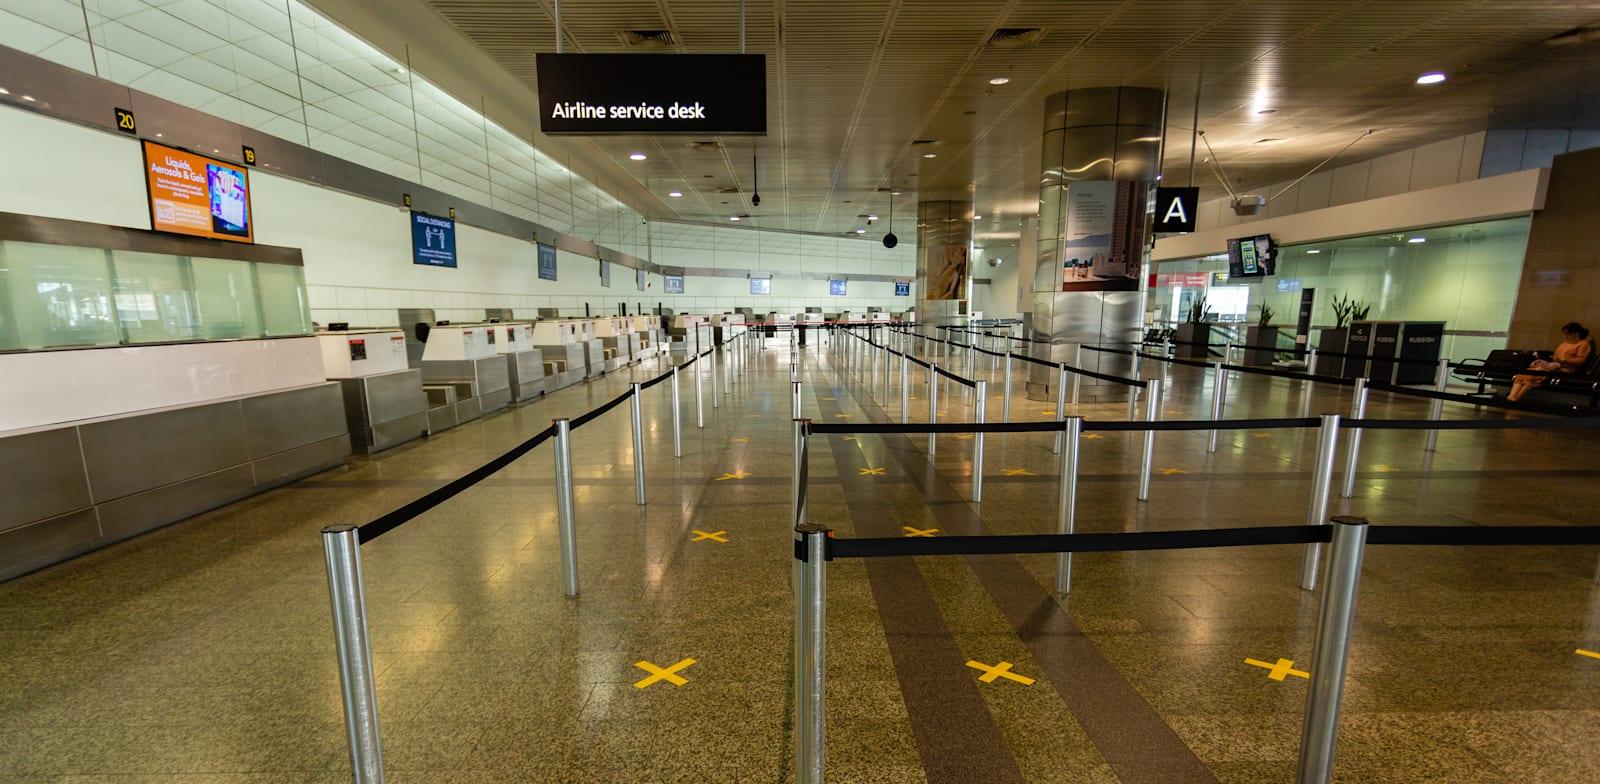 שדה התעופה של מלבורן / צילום: Shutterstock